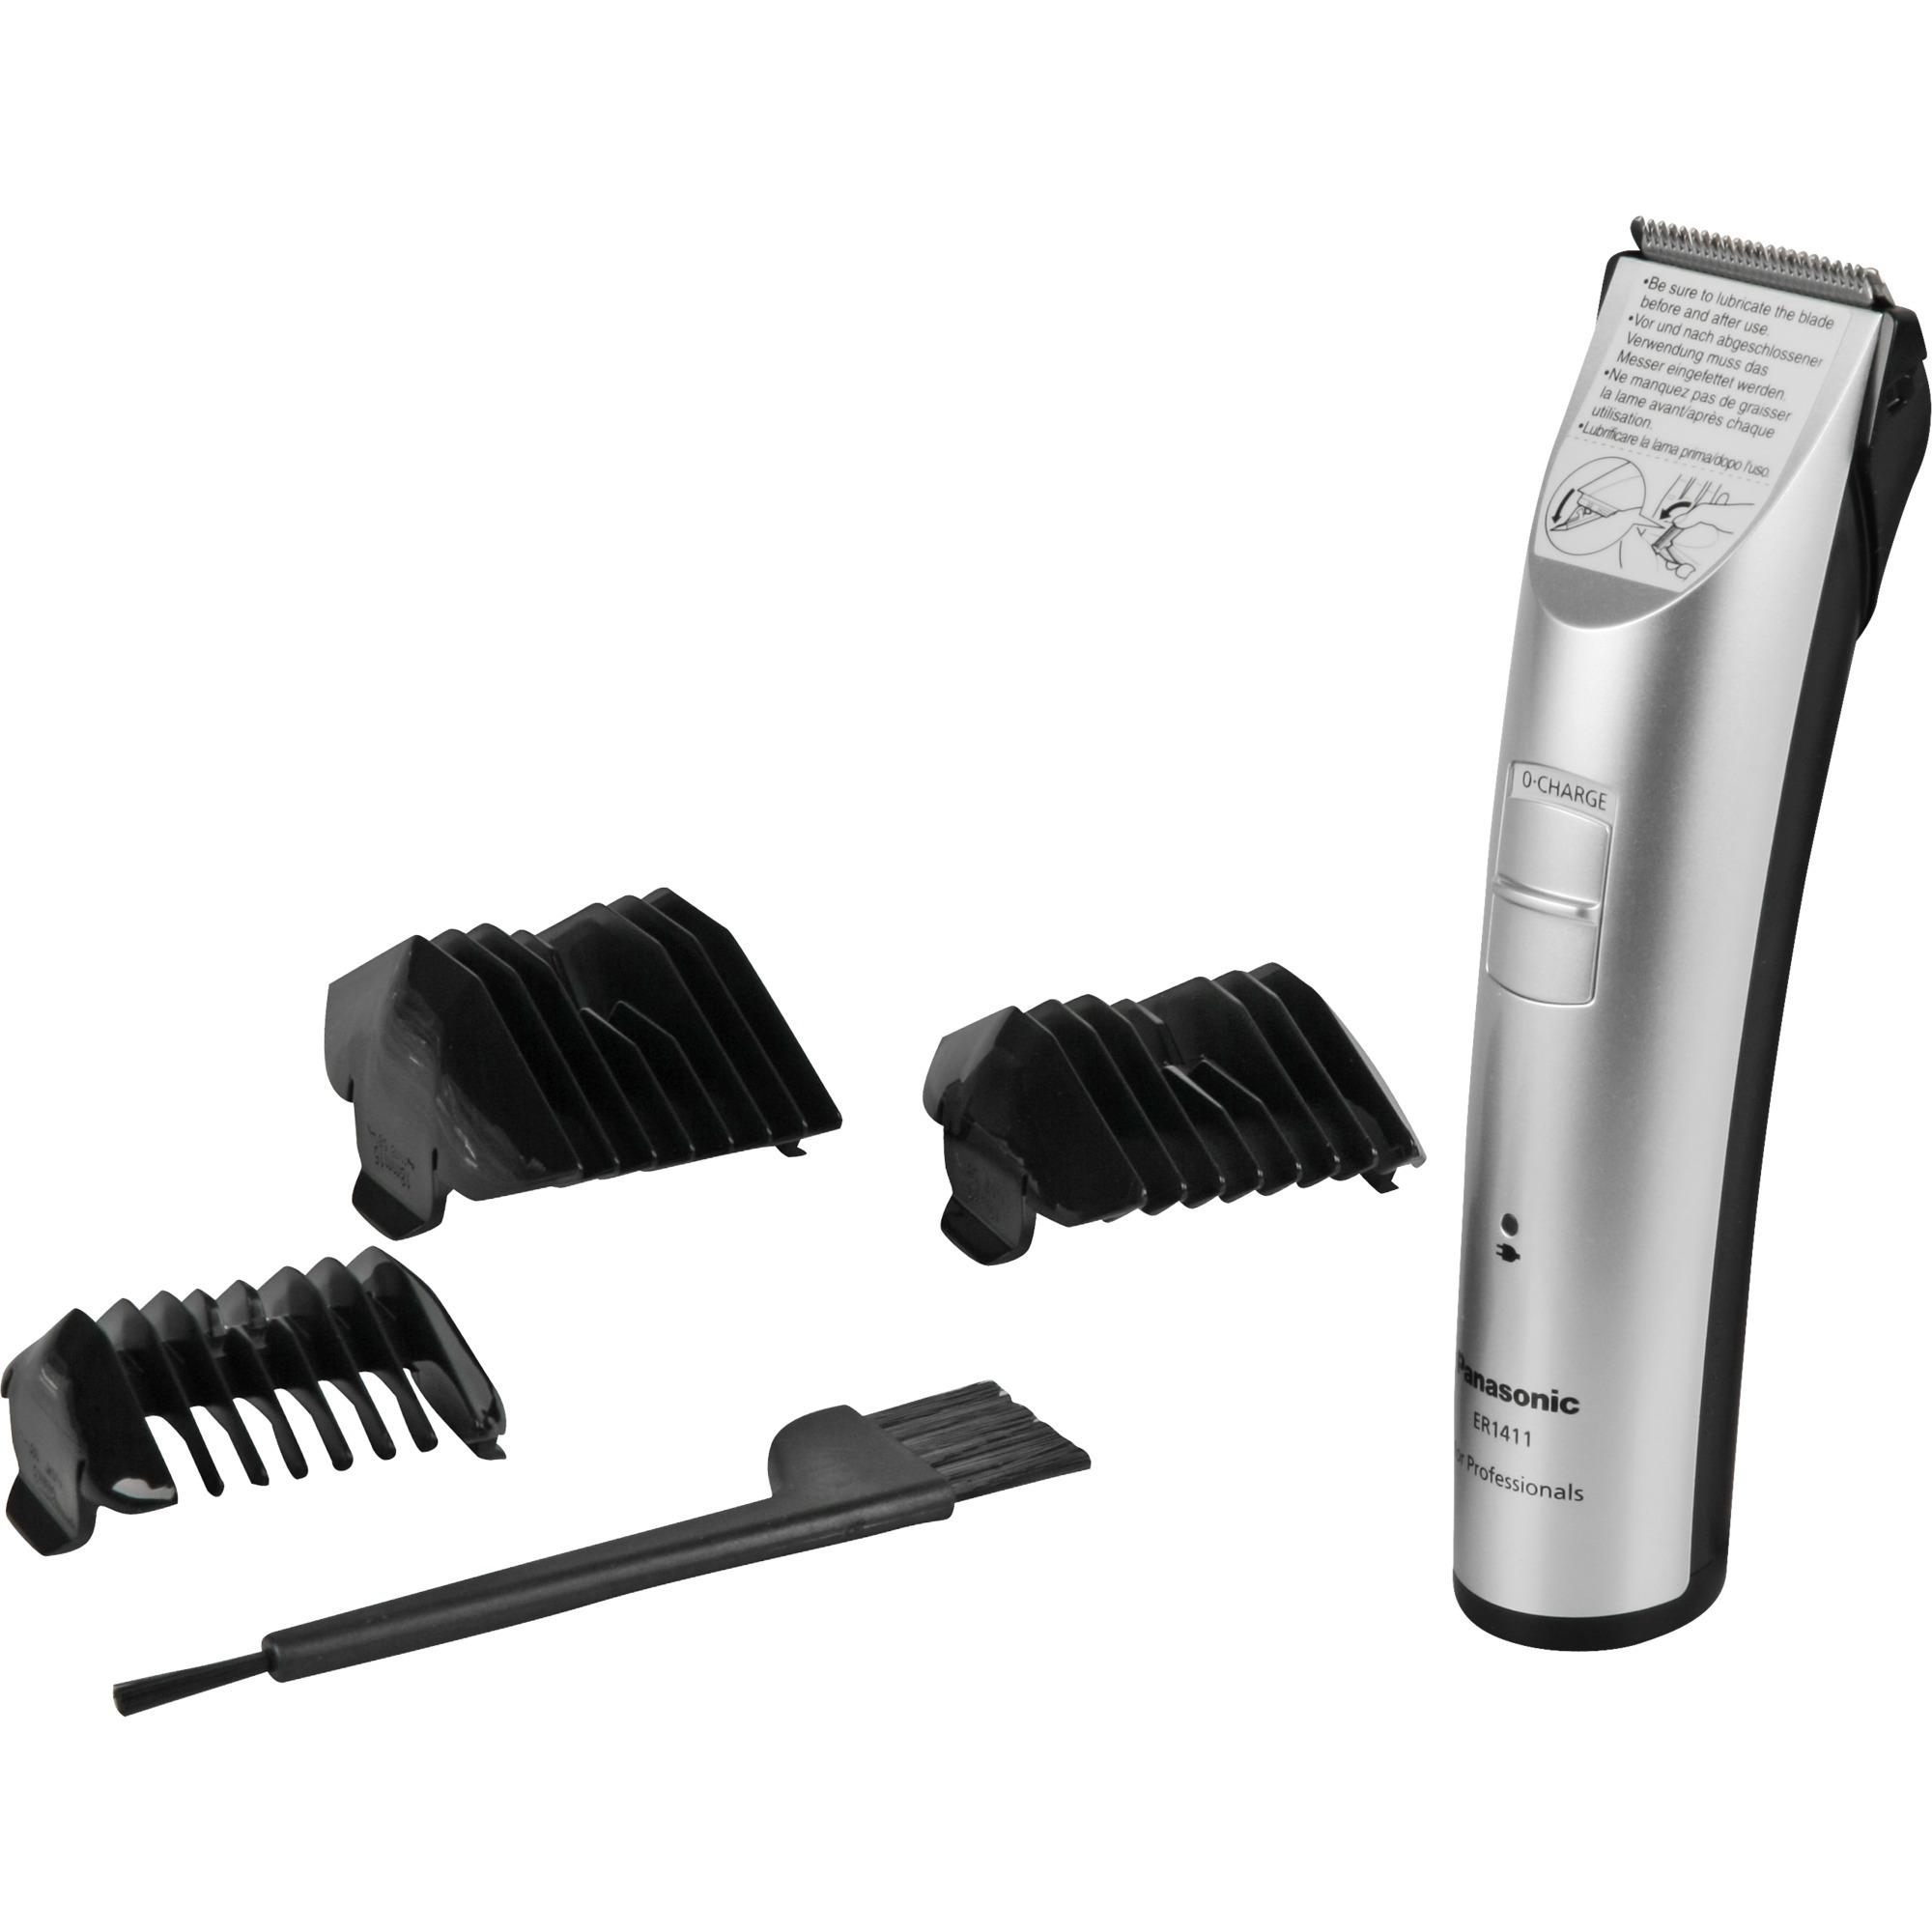 ER1411 Recargable cortadora de pelo y maquinilla, Cortador de pelo